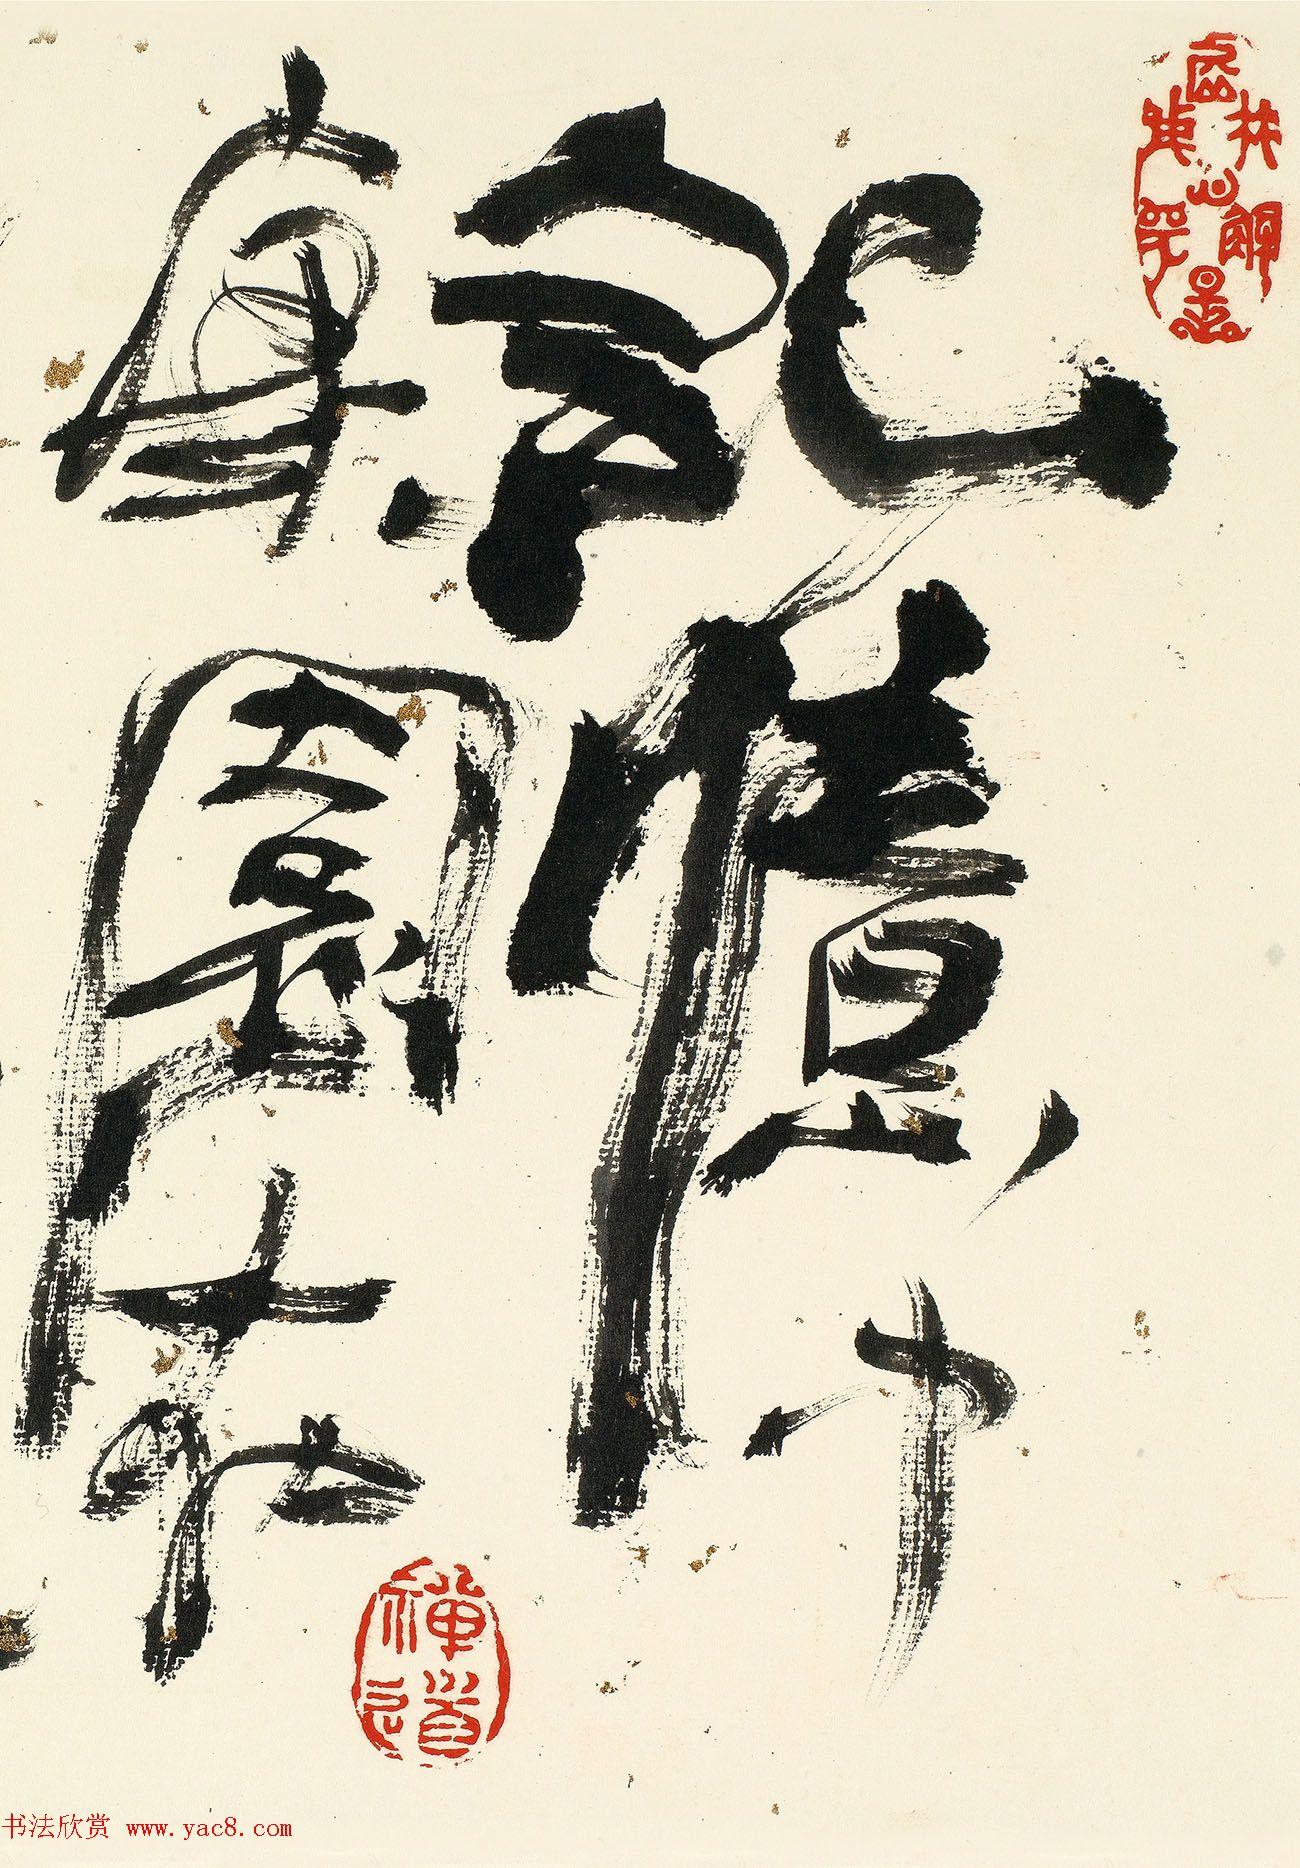 宋雨桂左手书法《共建家园歌》